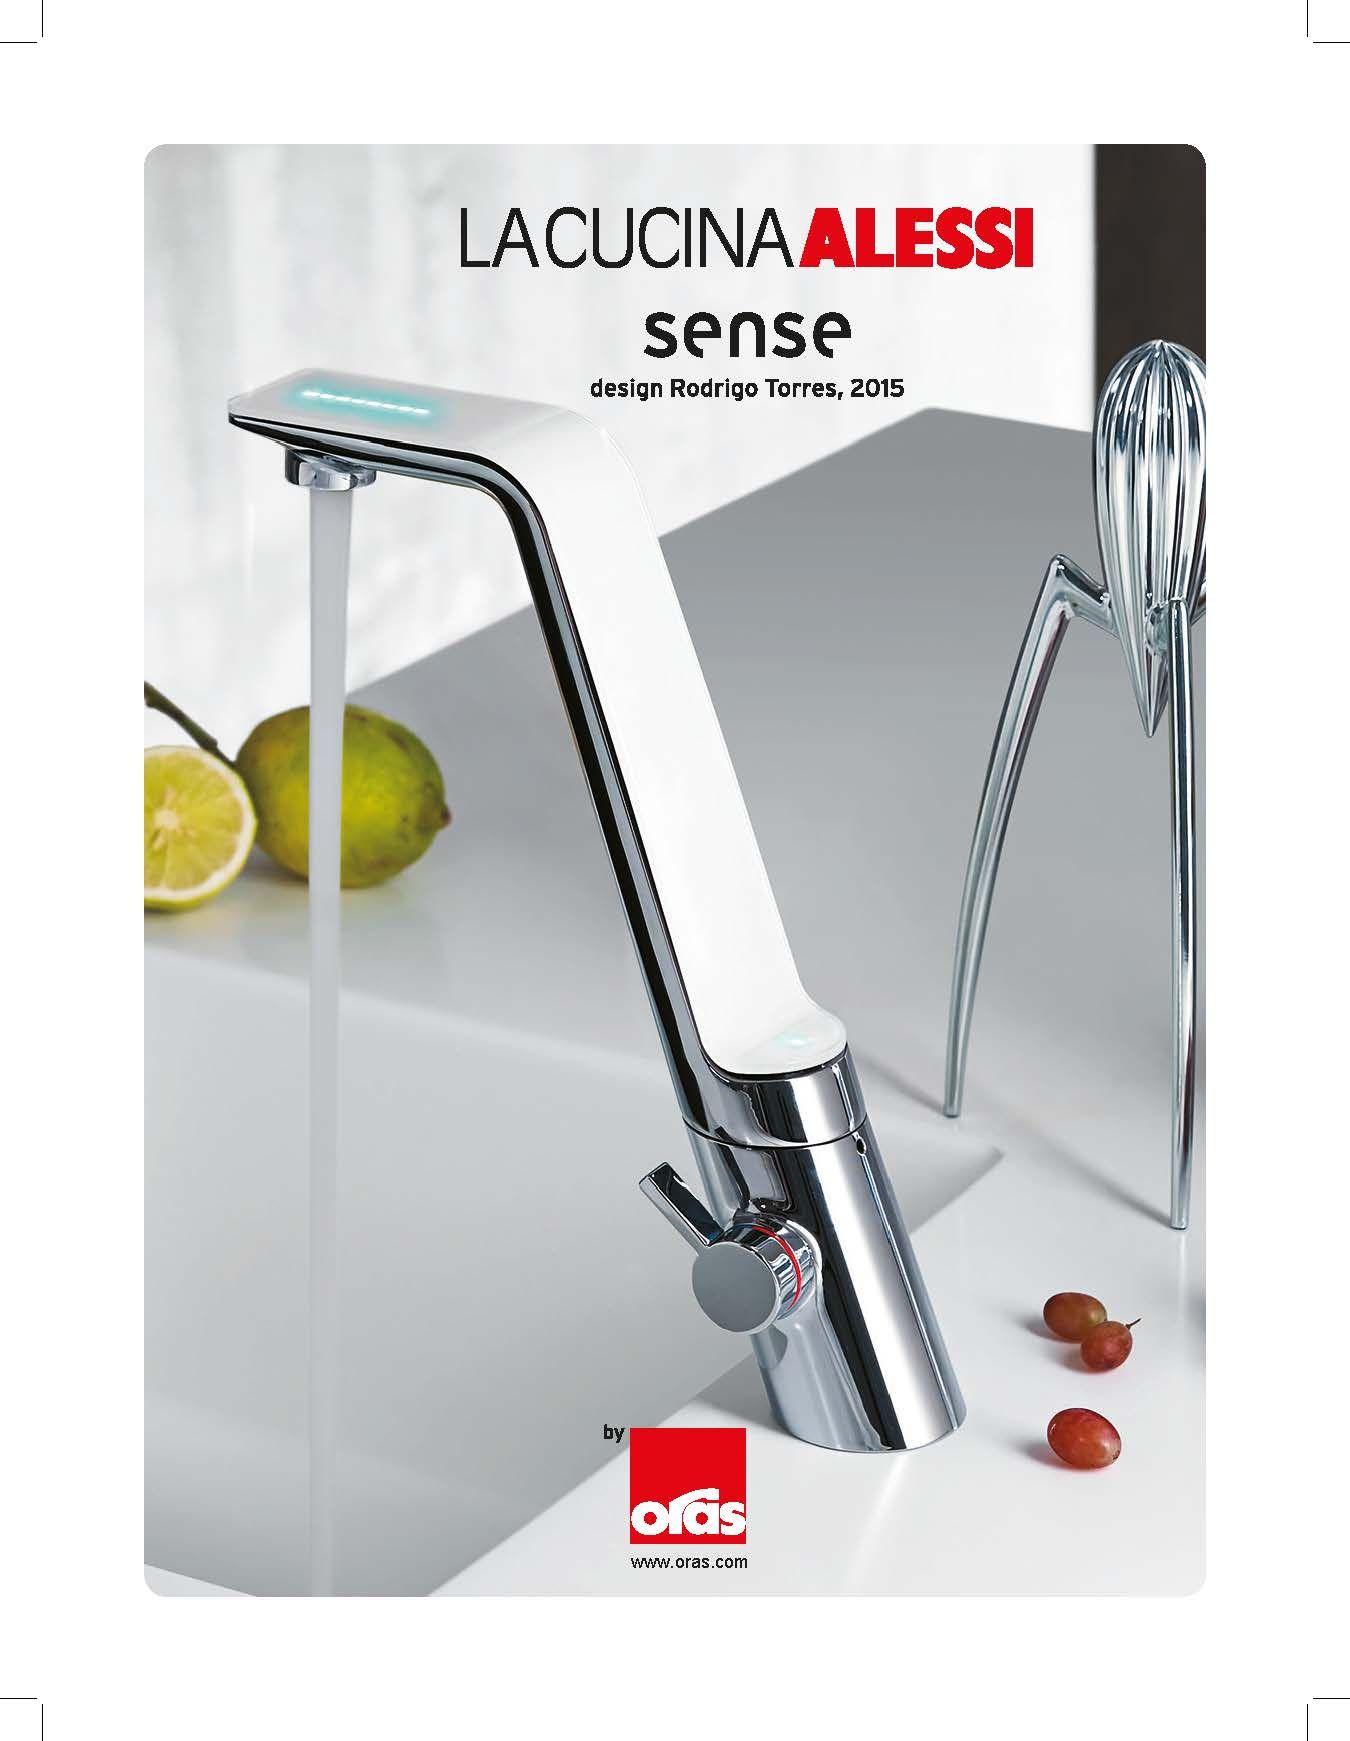 La Cucina Alessi Sense by Oras | Oras | Alessi, Kitchen design, Faucet